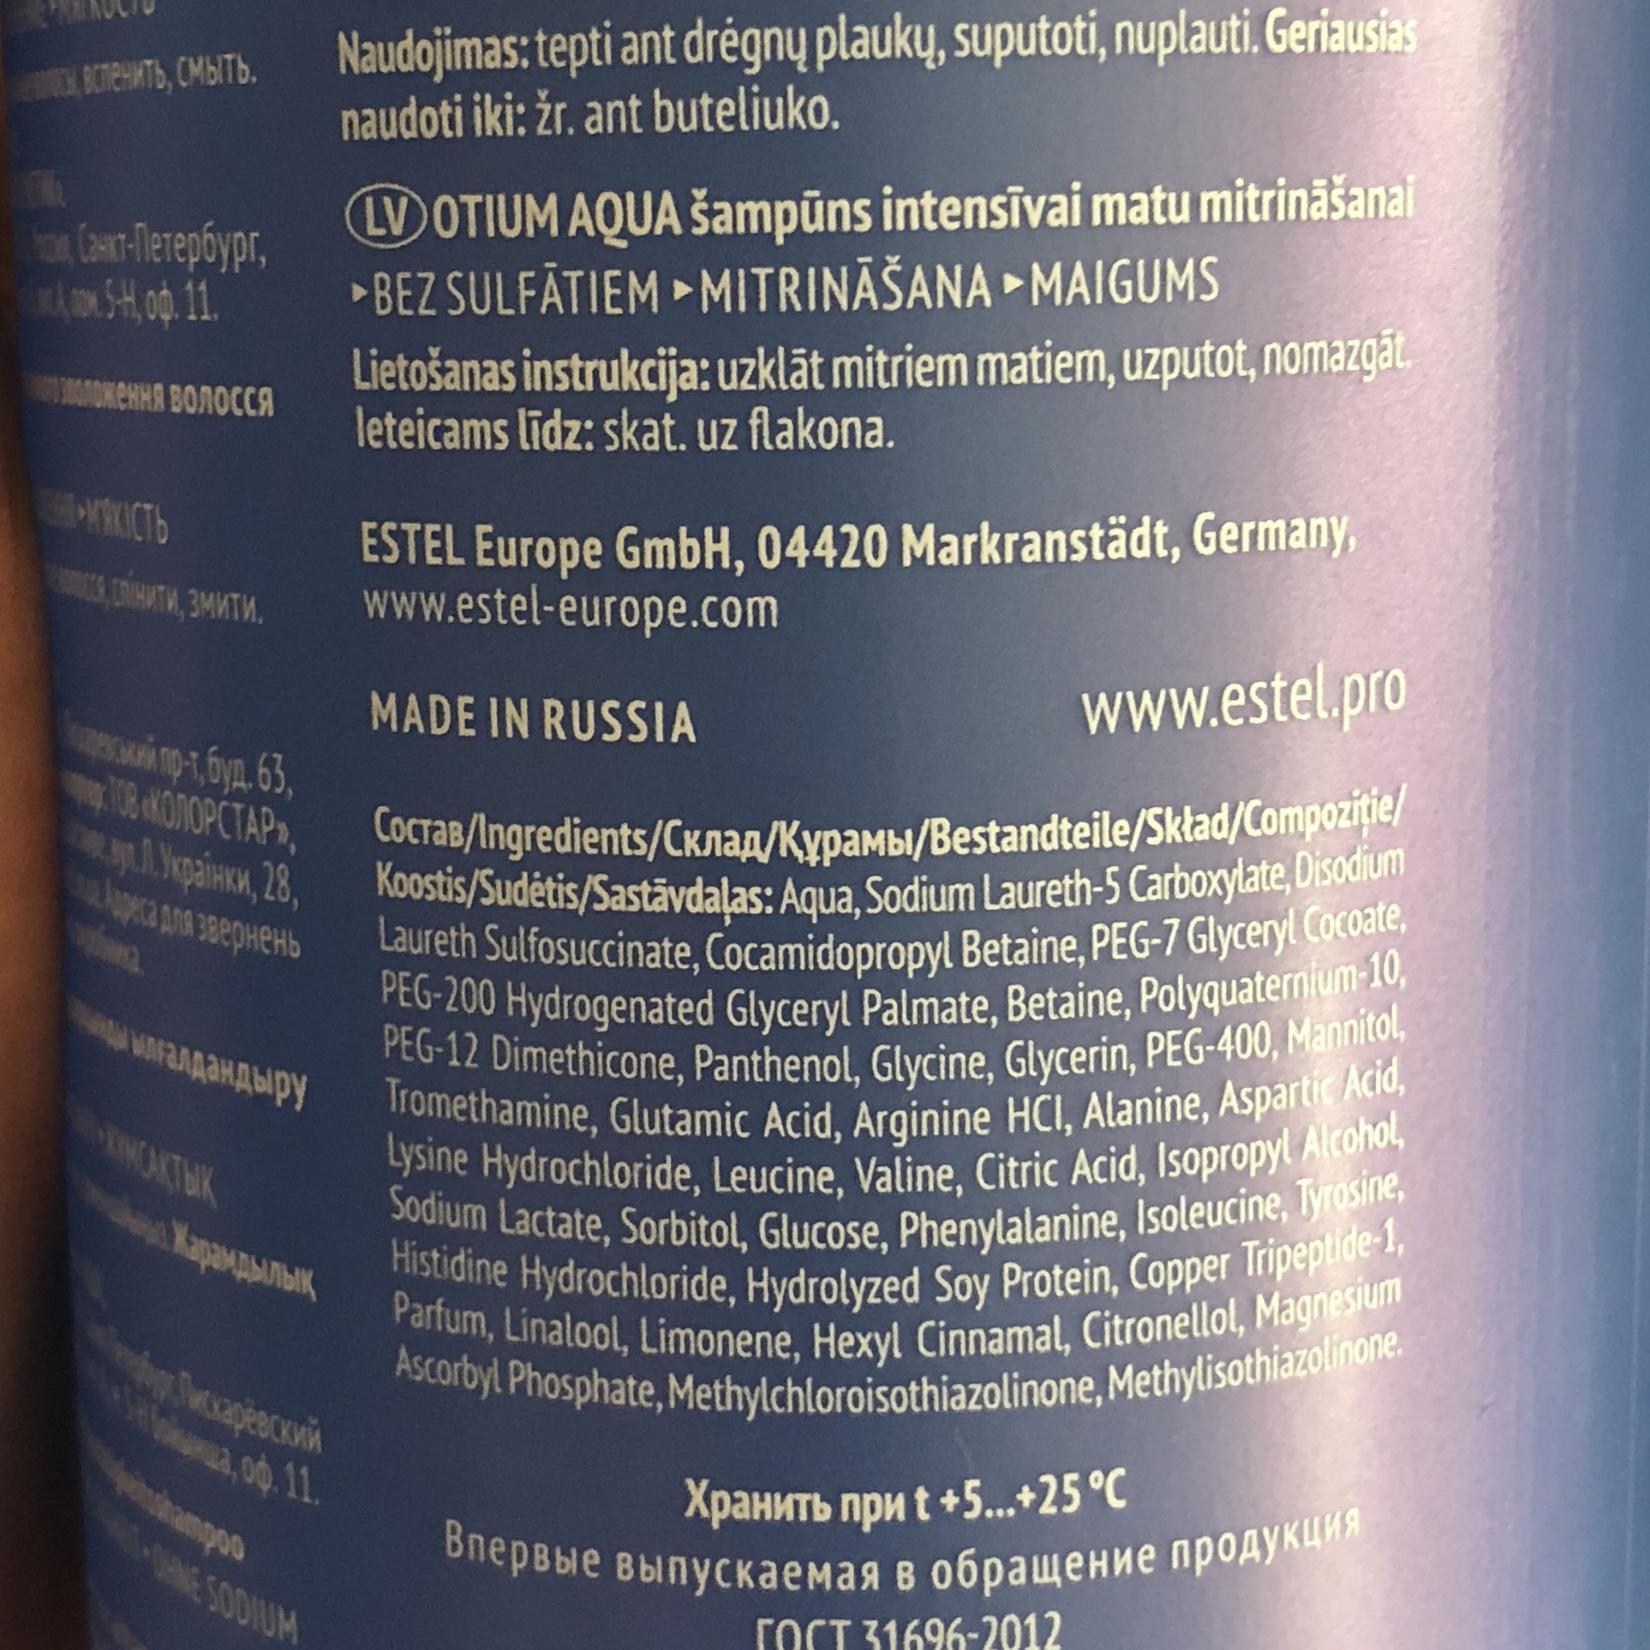 Шампунь Estel Otium Aqua для интенсивного увлажнения волос - состав